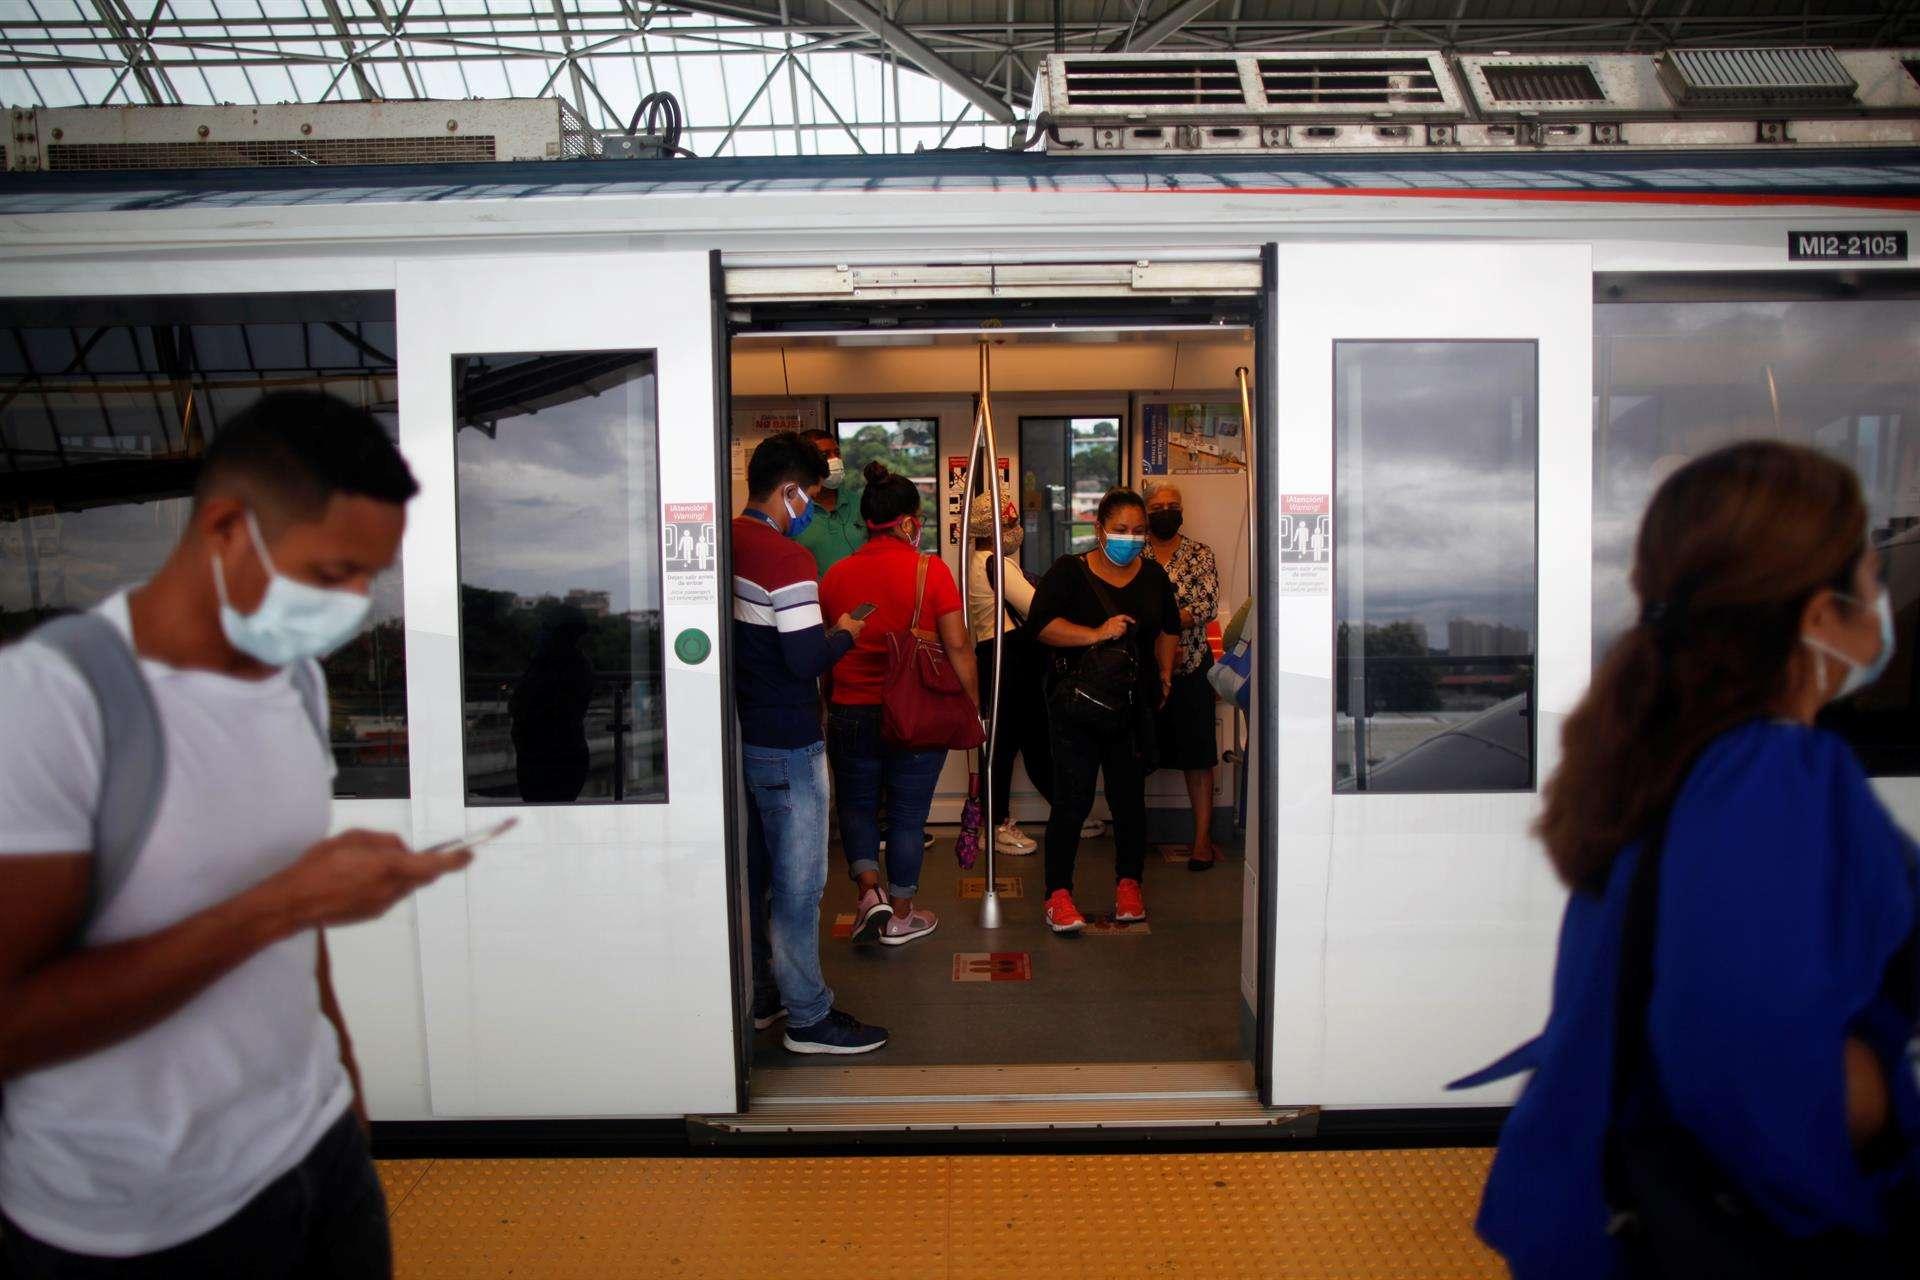 Vista del Metro en la estación de Los Andes, en Ciudad de Panamá (Panamá). EFE/Bienvenido Velasco/Archivo